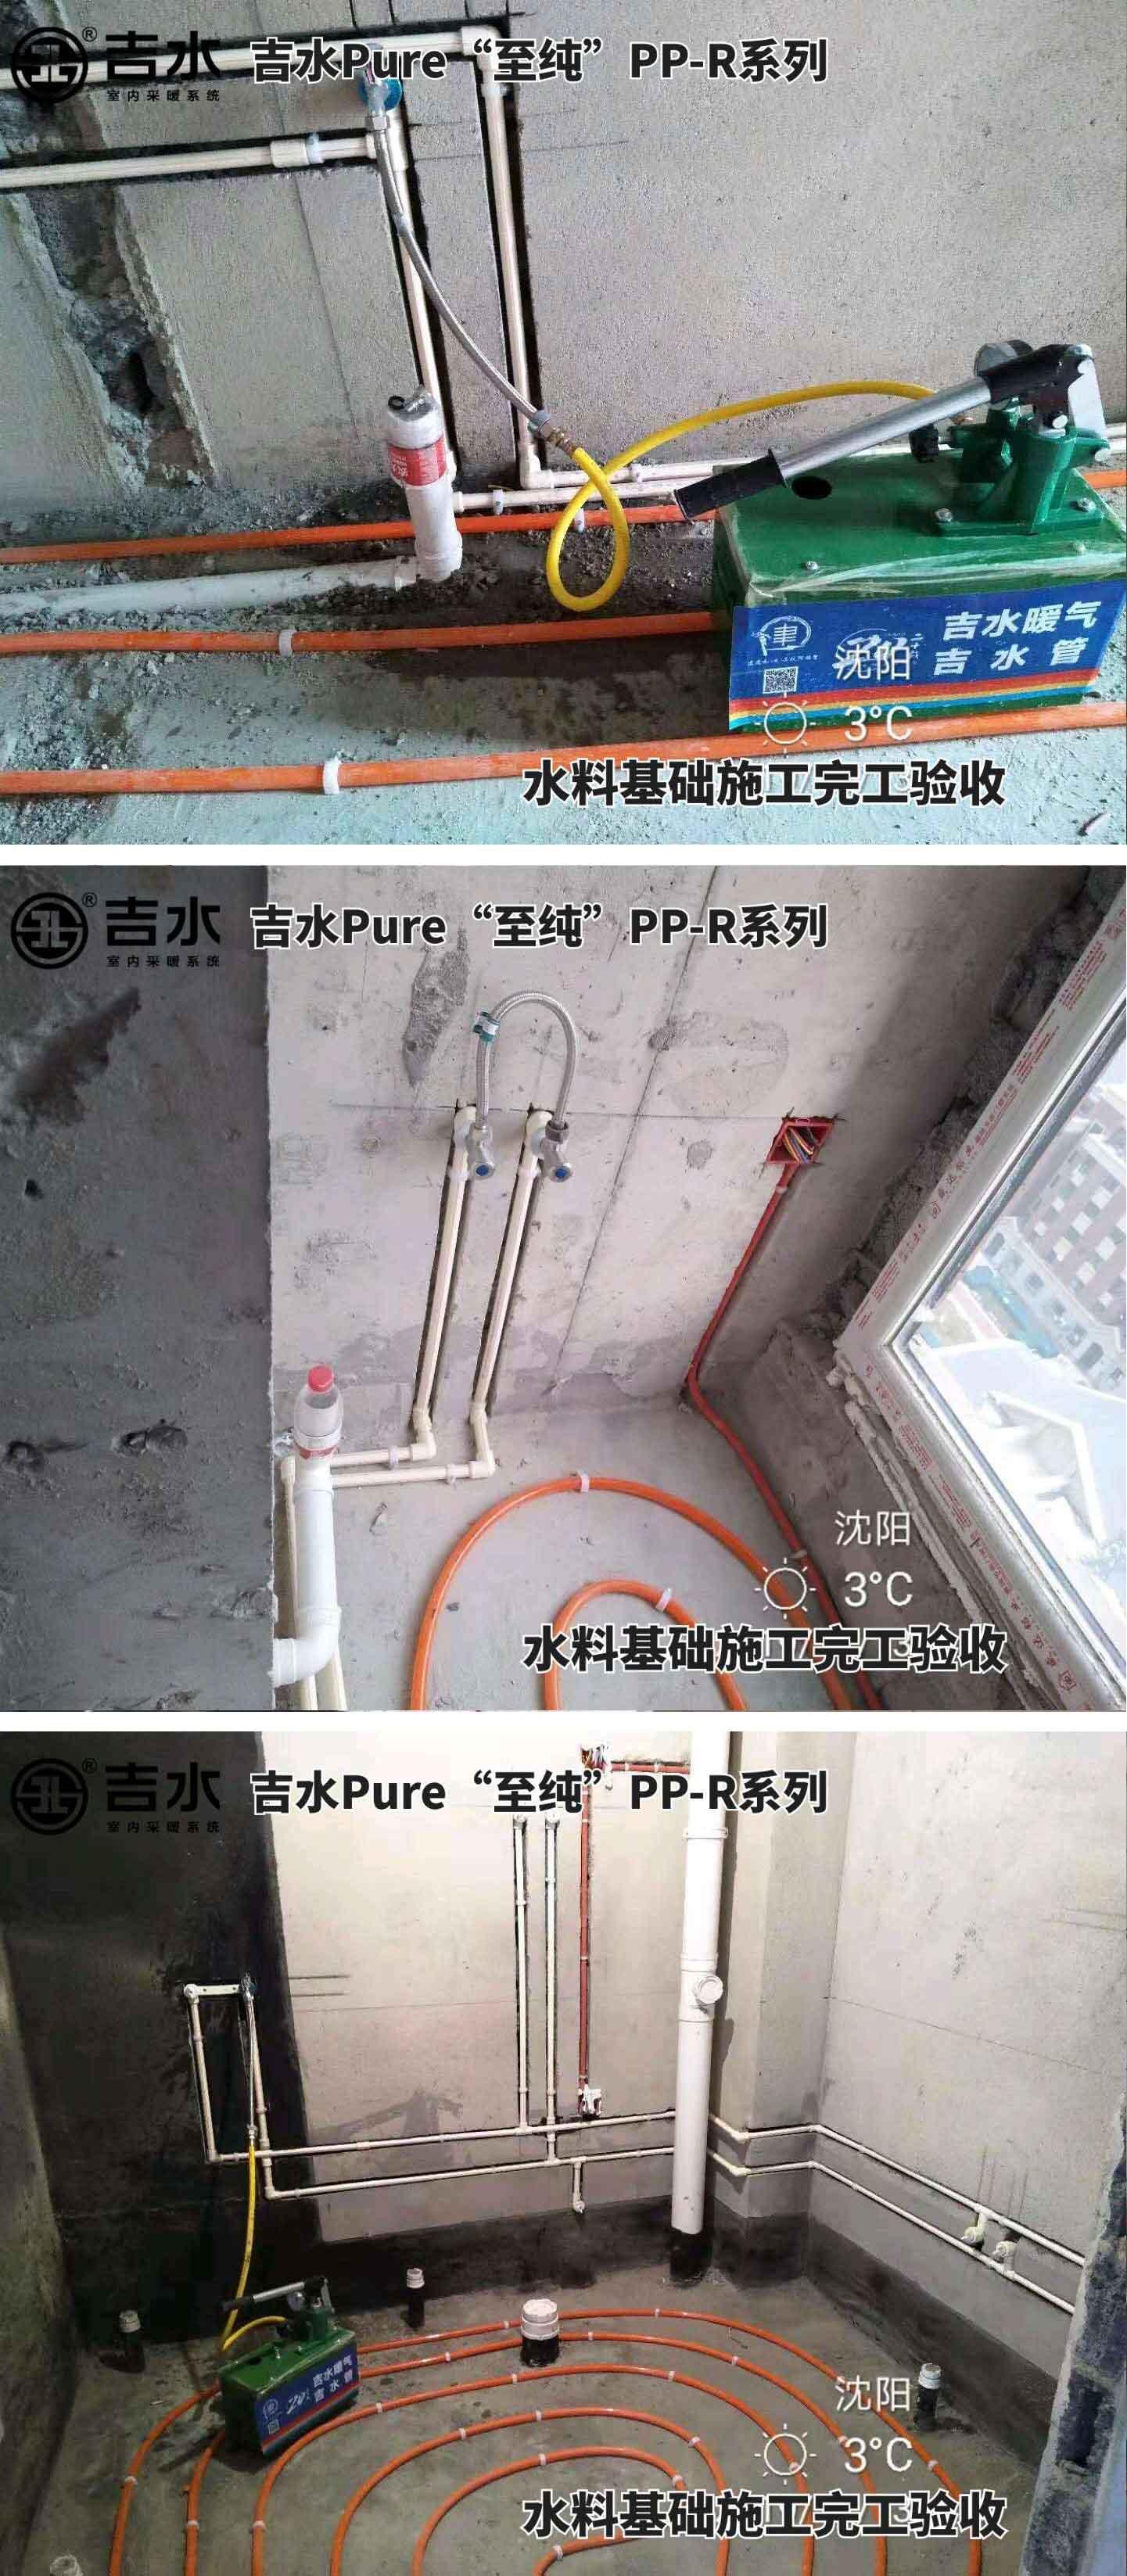 吉水Pure至纯PPR系列